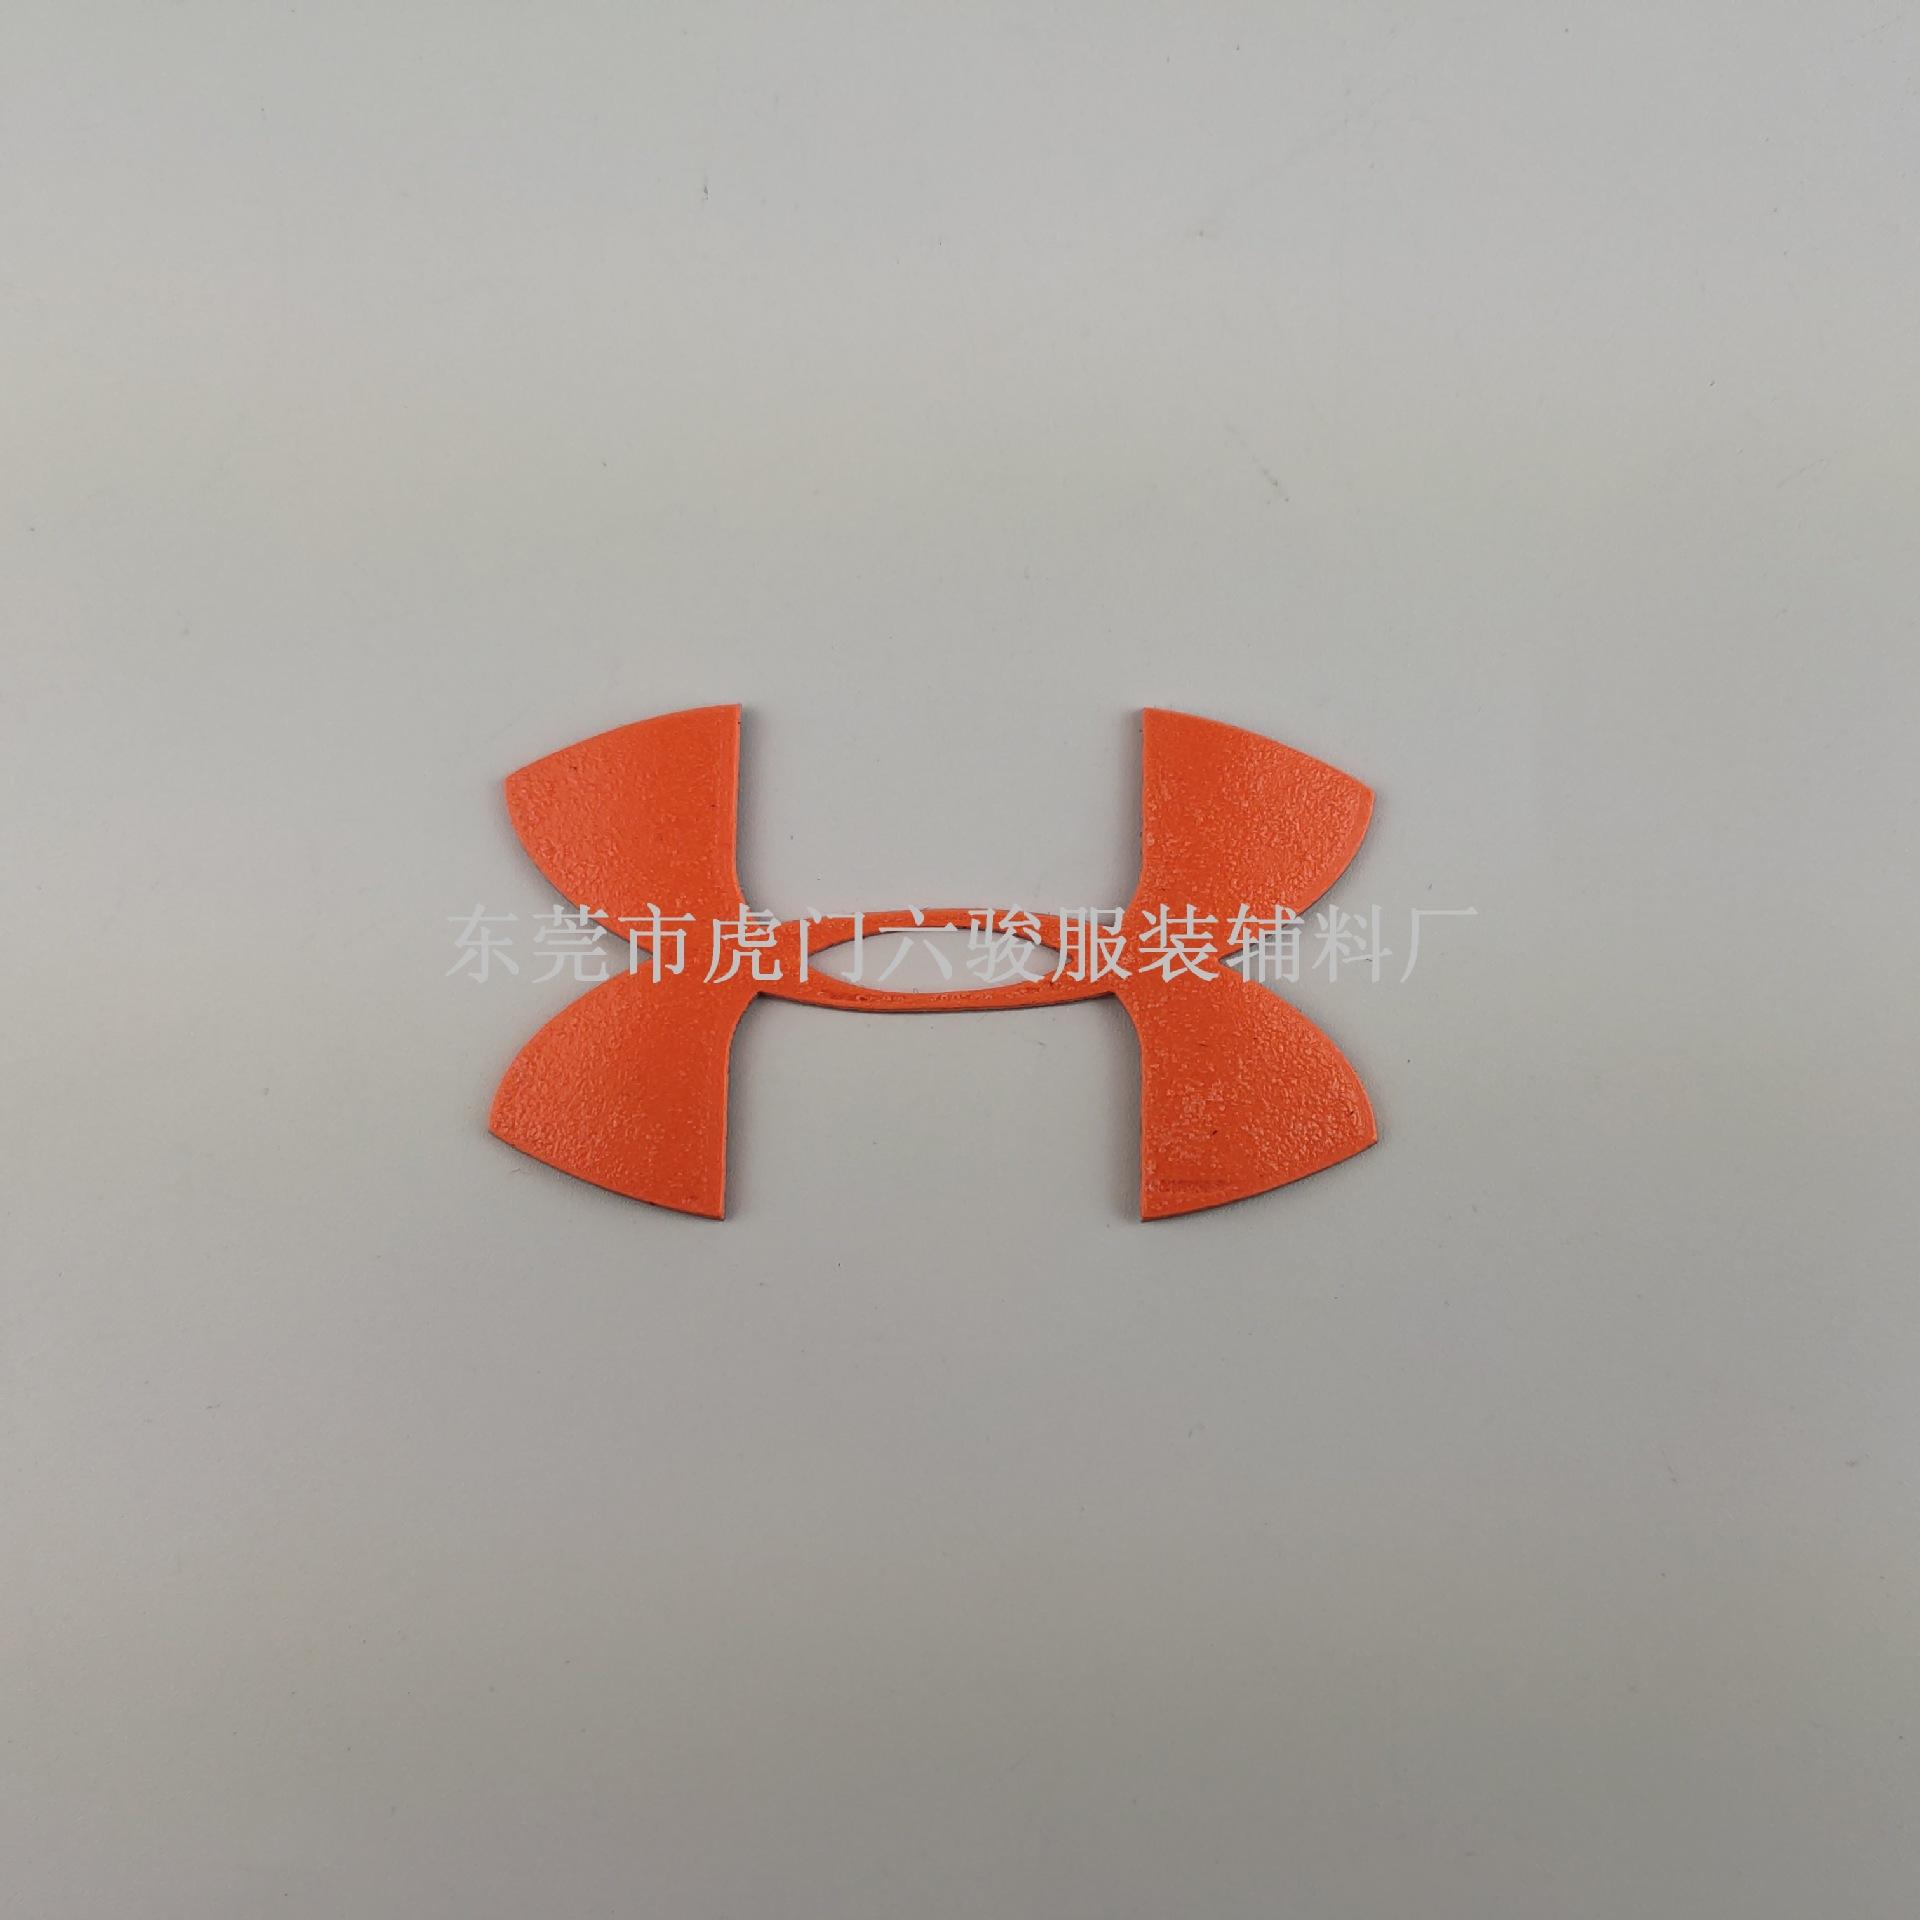 东莞工厂印刷烫画 立体模具logo标志 厚板硅胶热转移烫标加工定制